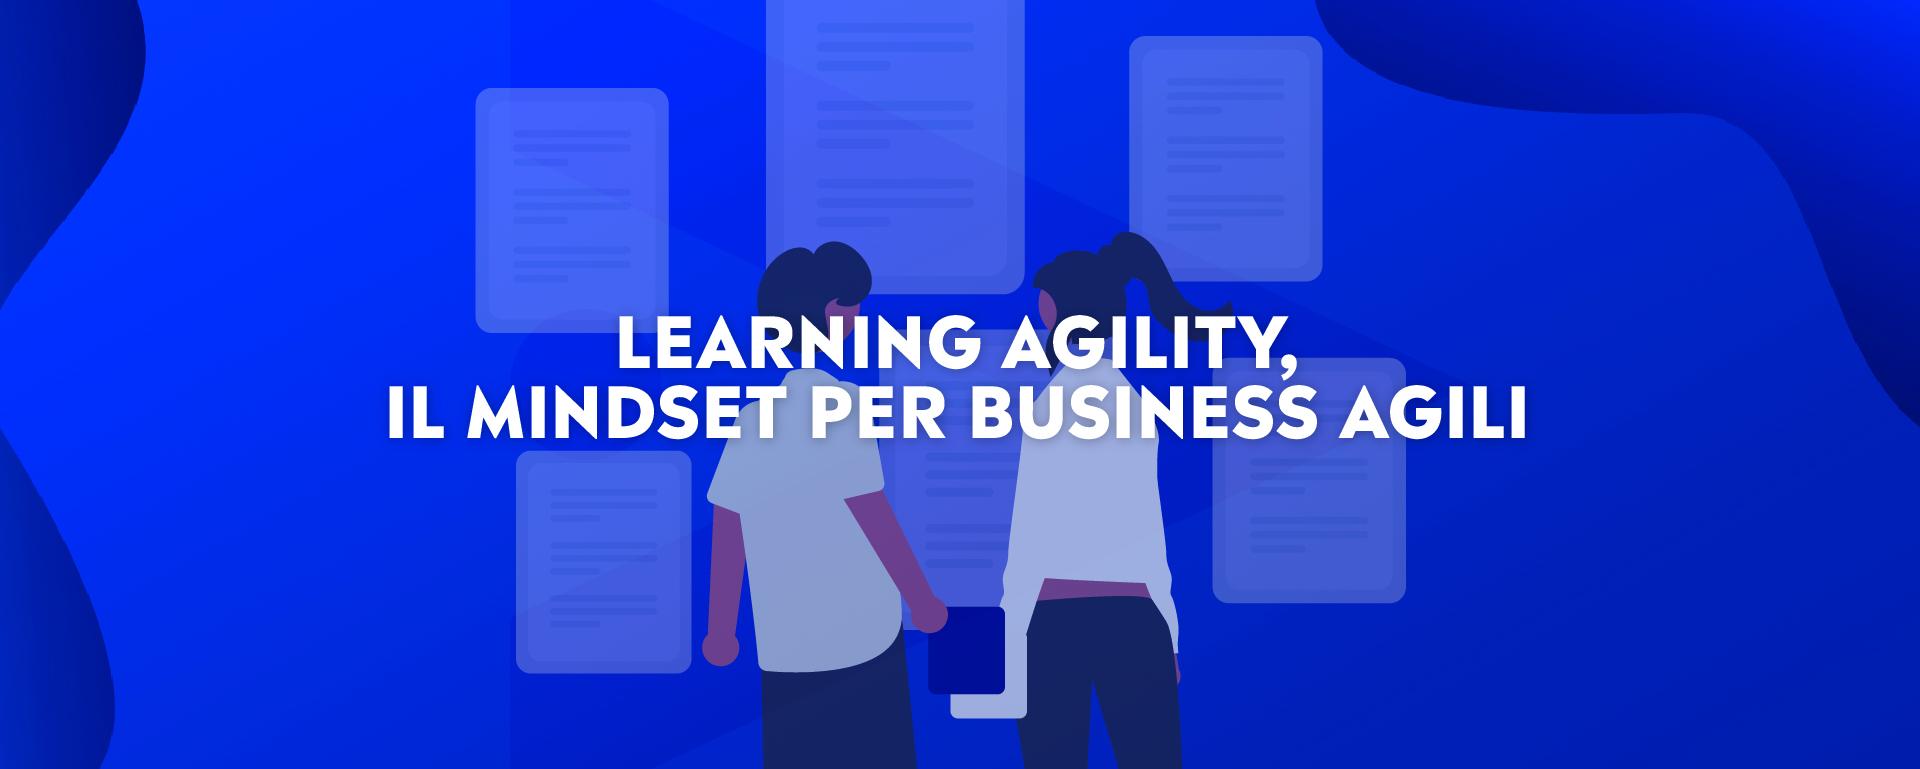 learning agility e mindset agile